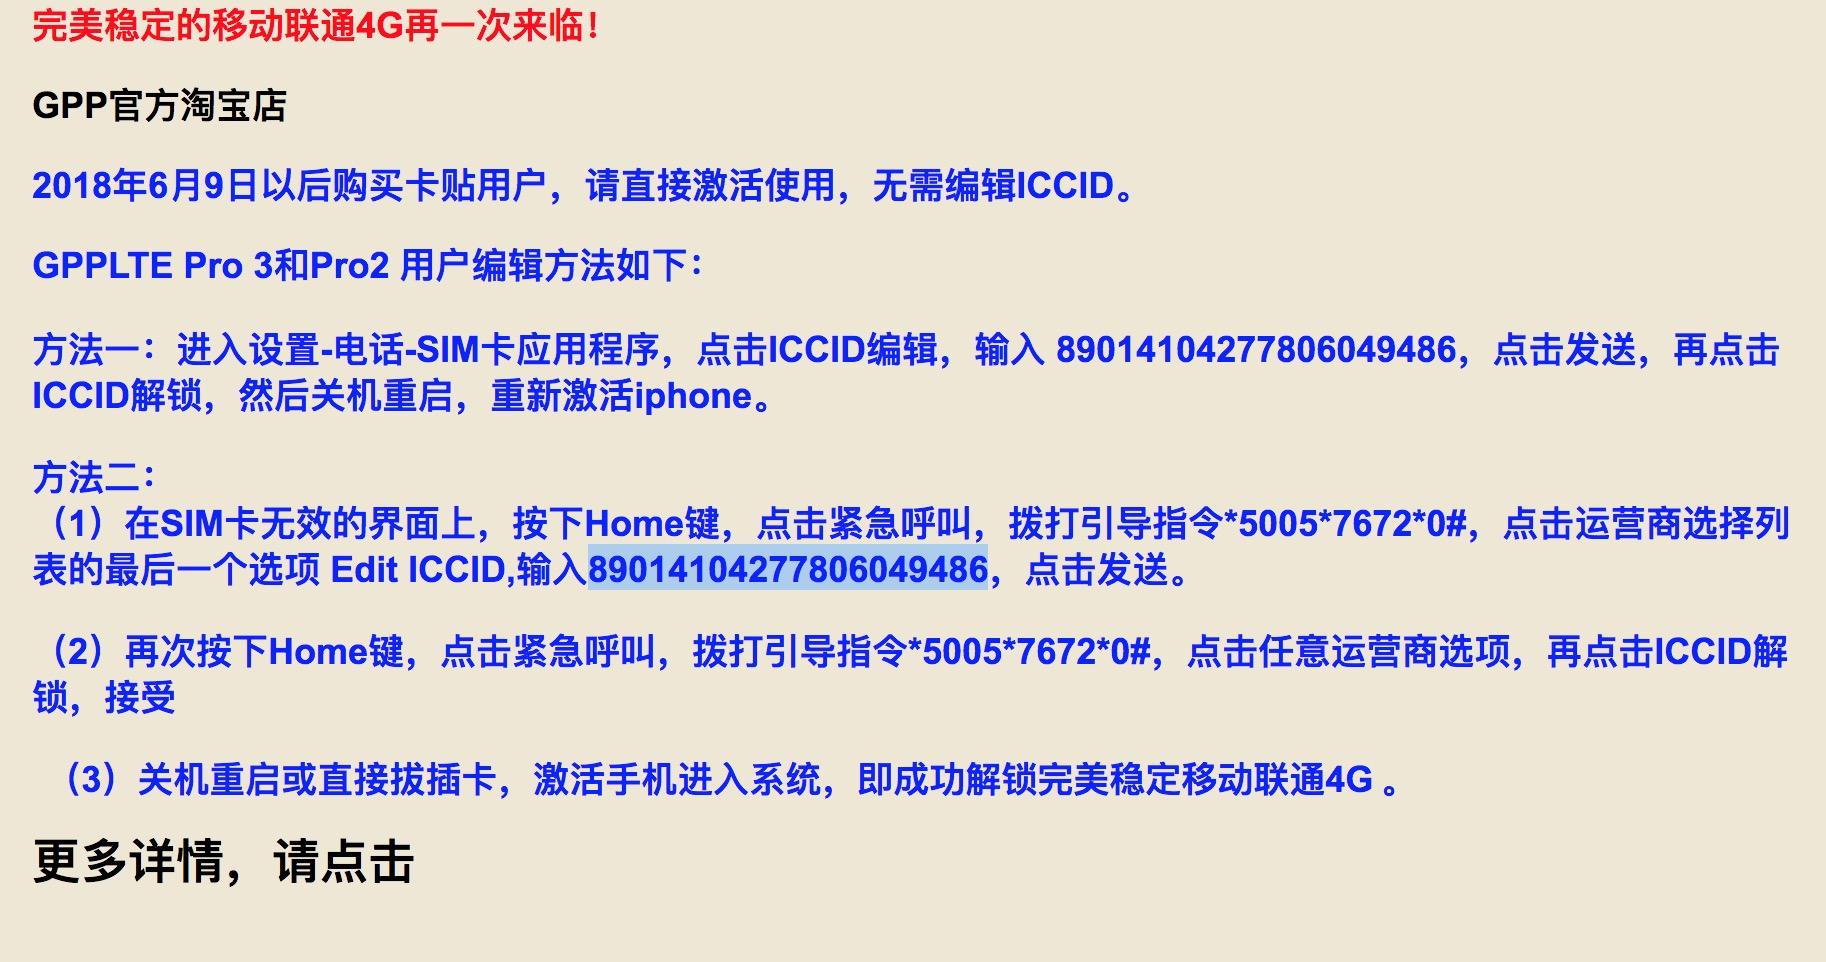 Đã có ICCID version 9 anh em đang dùng iPhone Lock update ngay nhé!